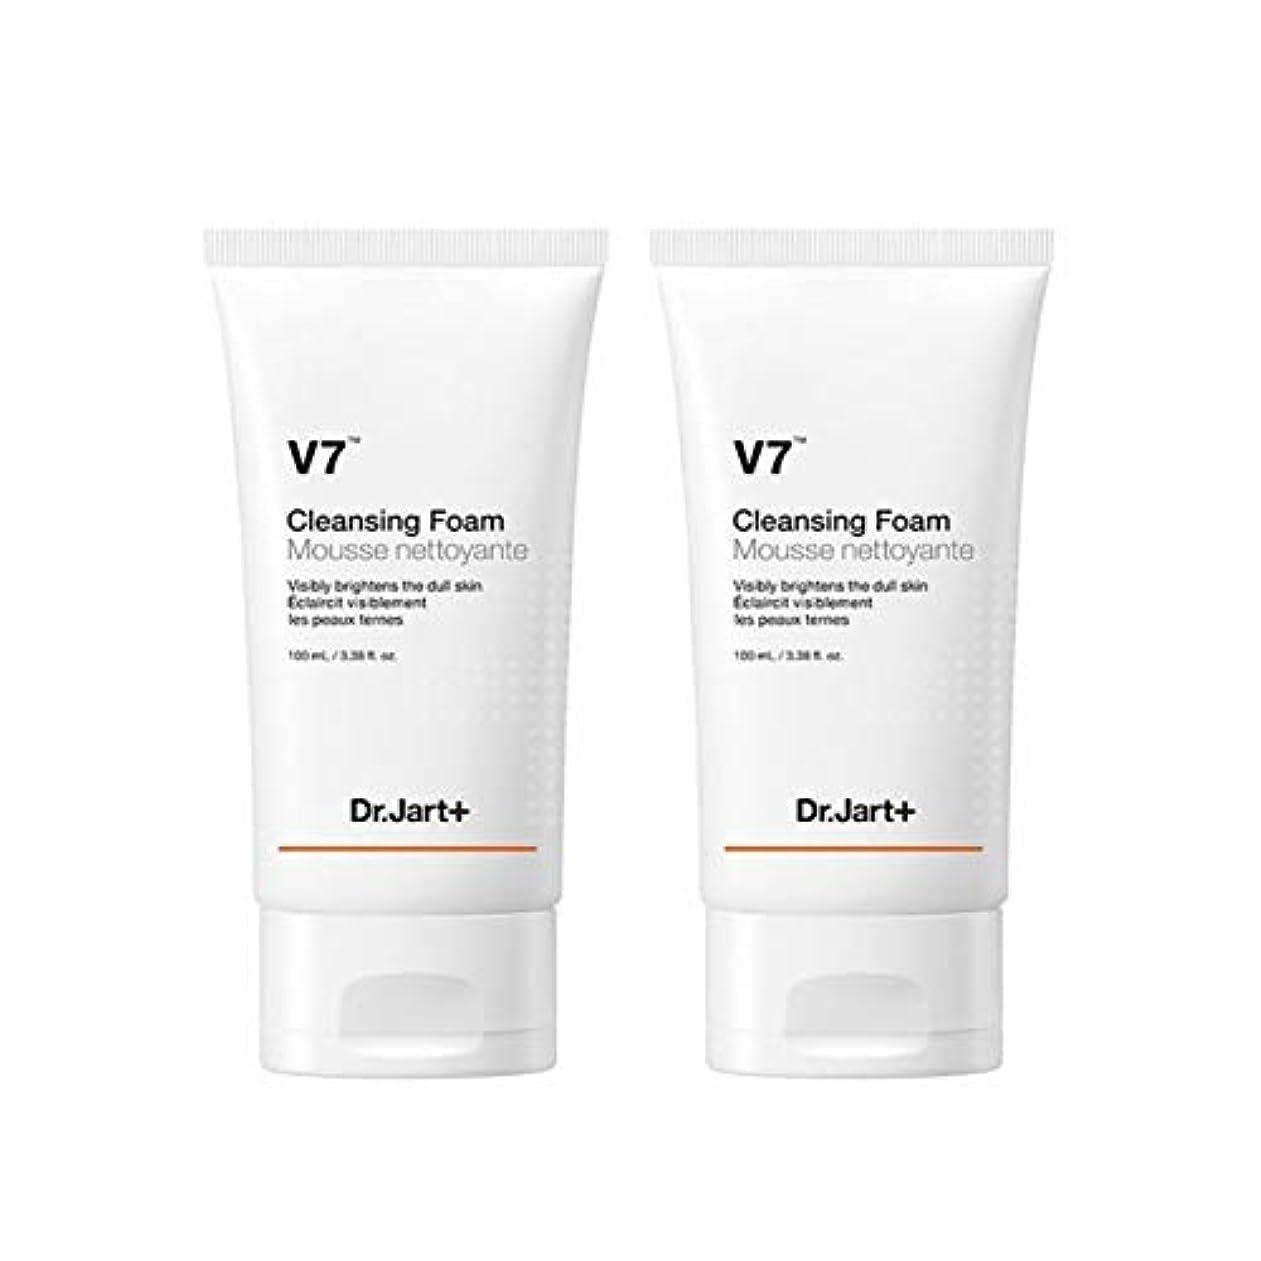 成功する中性すべてドクタージャルトゥV7クレンジングフォーム100mlx2本セット韓国コスメ、Dr.Jart V7 Cleansing Foam 100ml x 2ea Set Korean Cosmetics [並行輸入品]